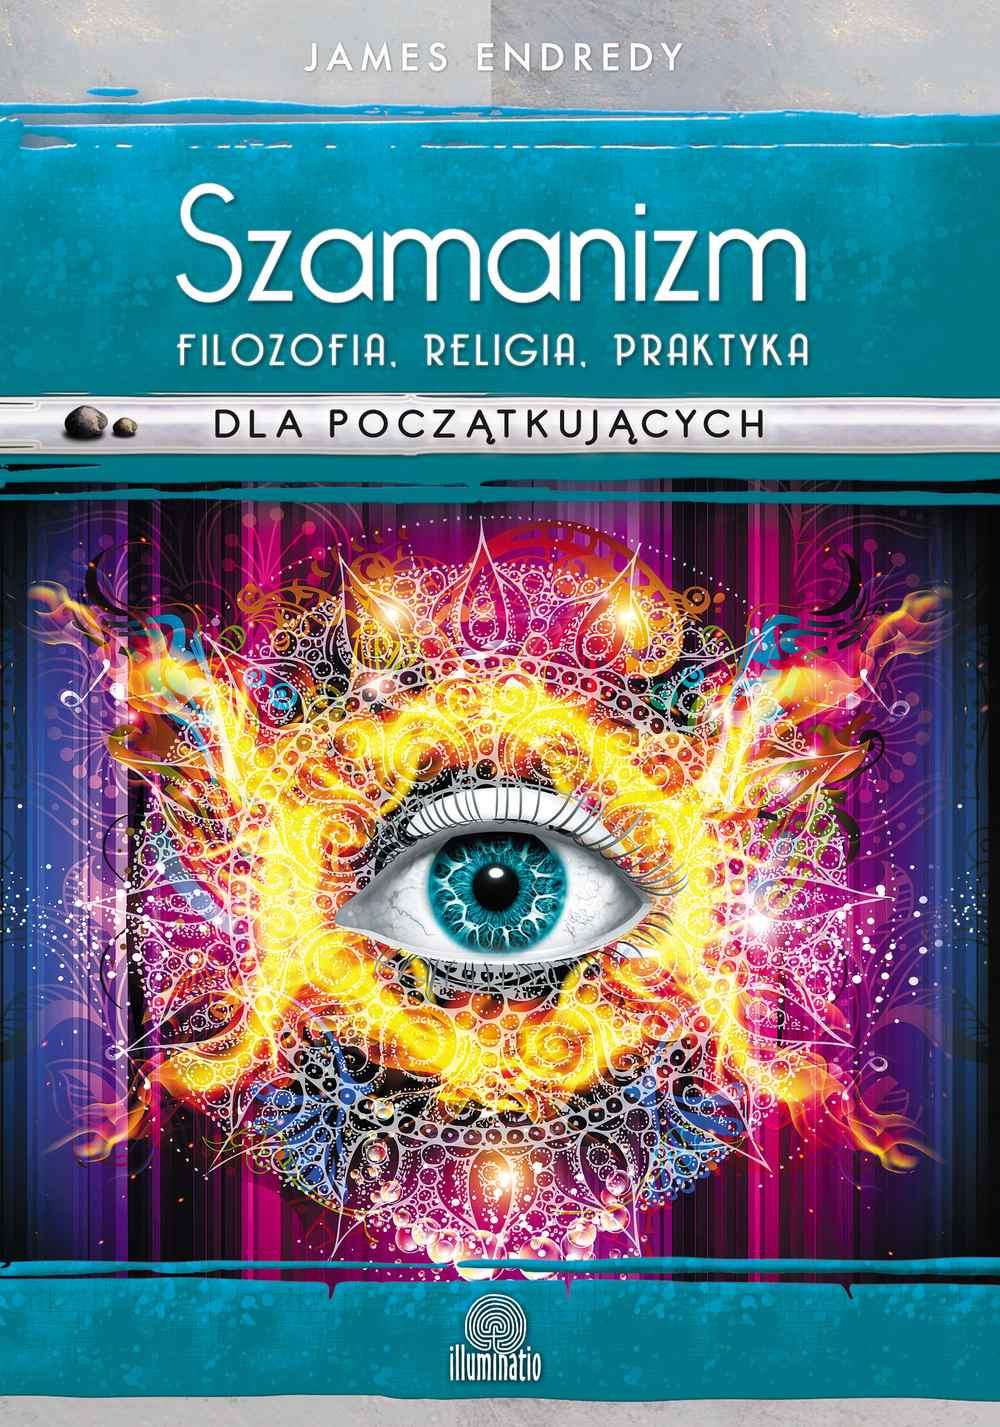 Szamanizm: filozofia, religia, praktyka dla początkujących - Ebook (Książka EPUB) do pobrania w formacie EPUB